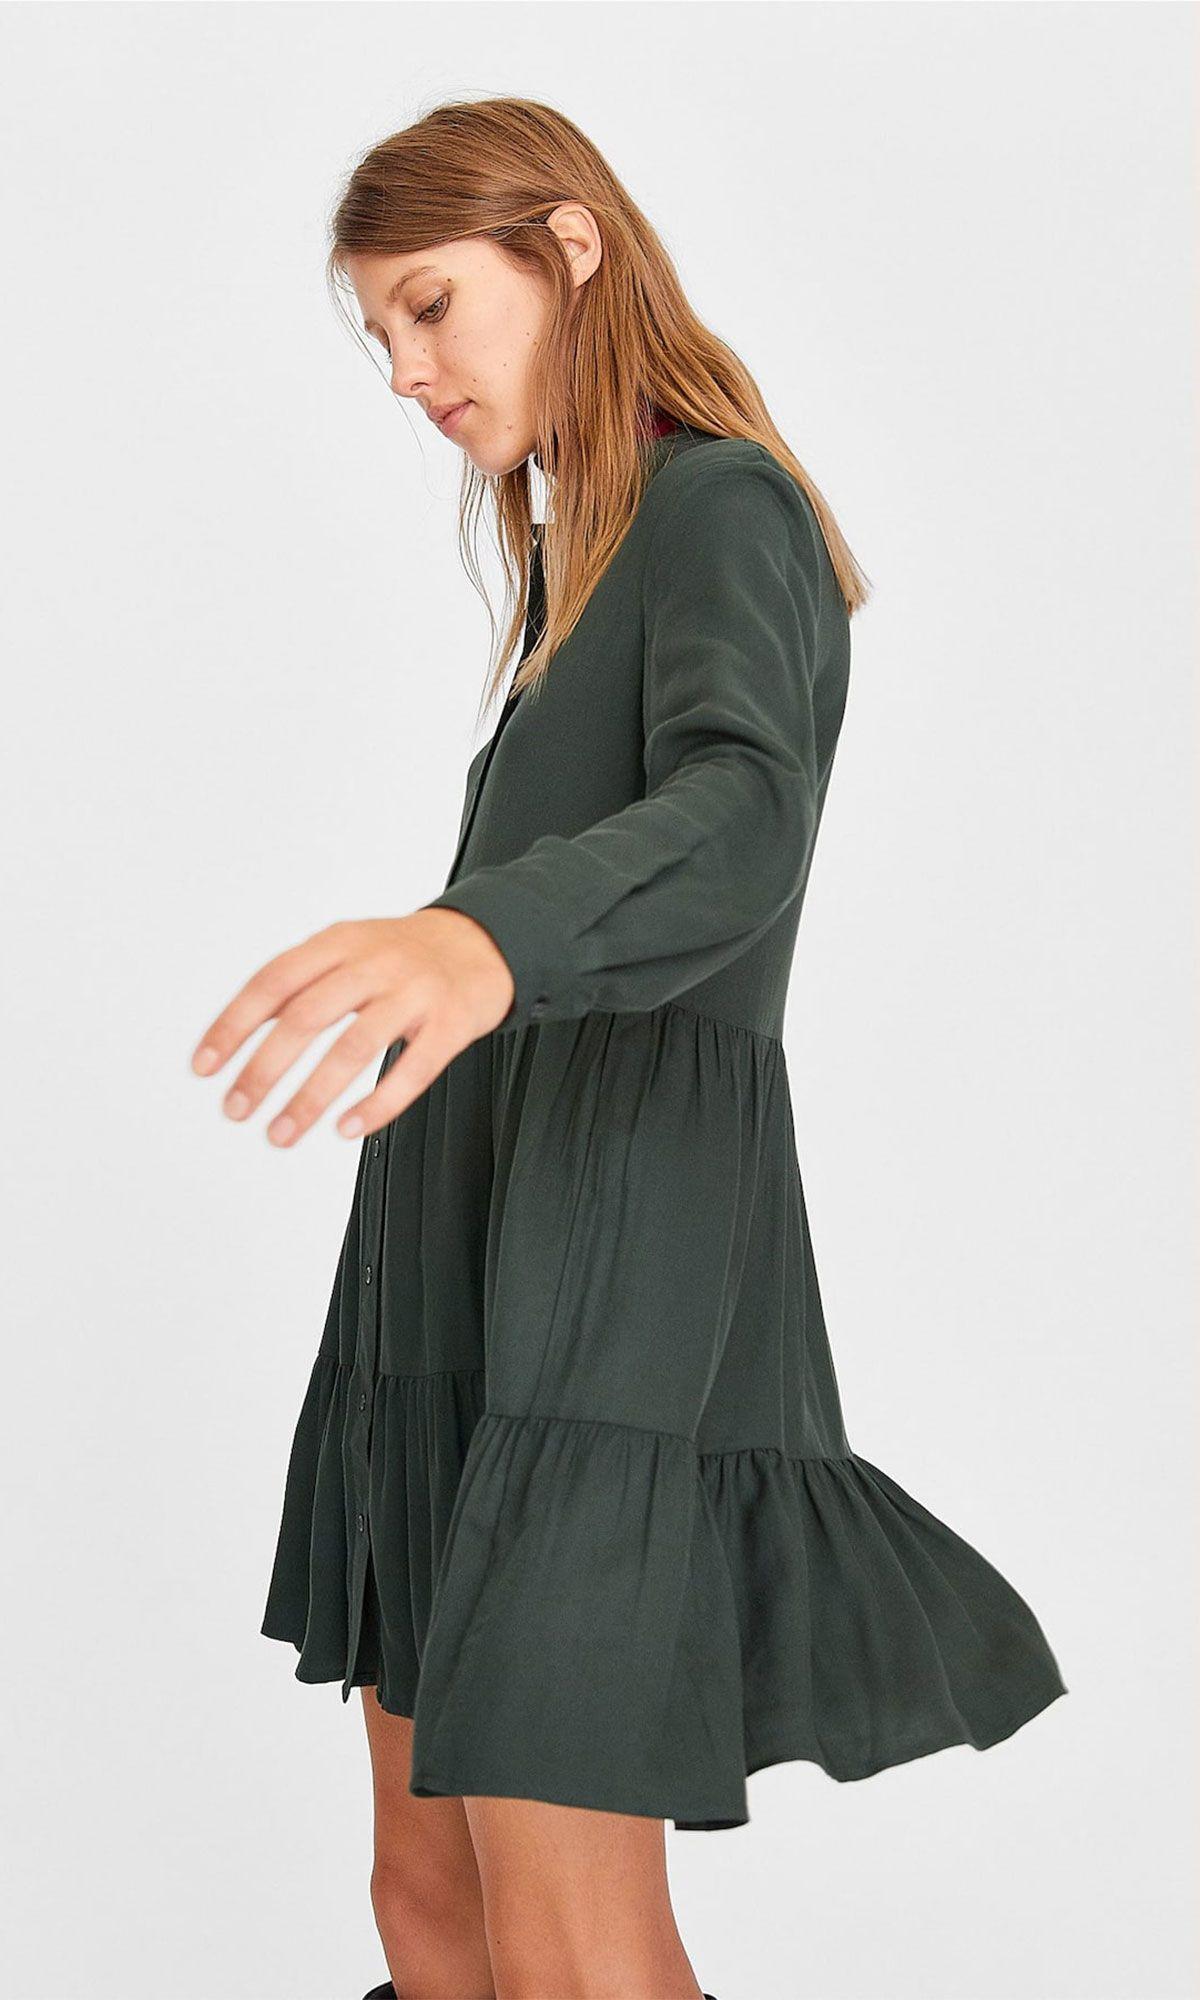 mejor proveedor seleccione para el más nuevo amplia selección de colores y diseños Dicen en Stradivarius con este vestido corto tienes EL LOOK